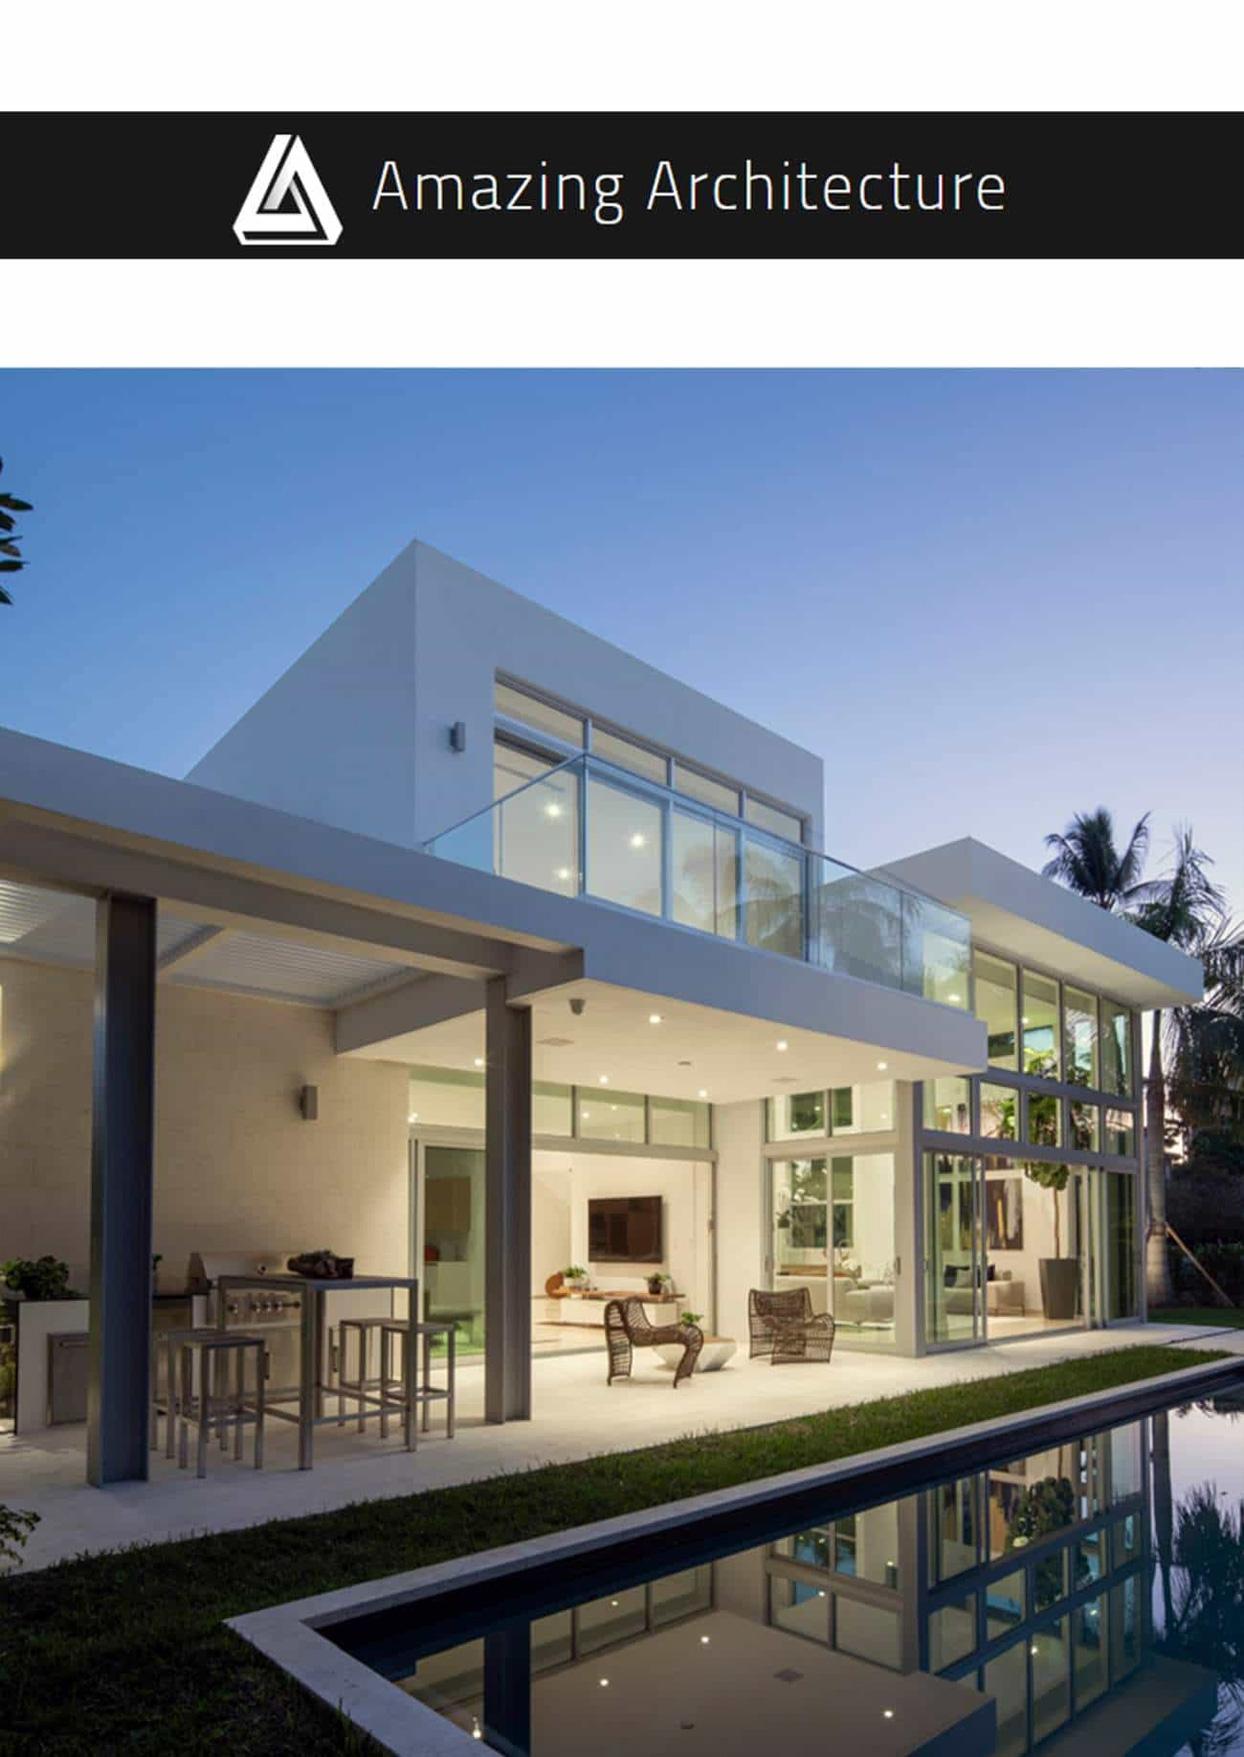 amazing architecture dec 2019